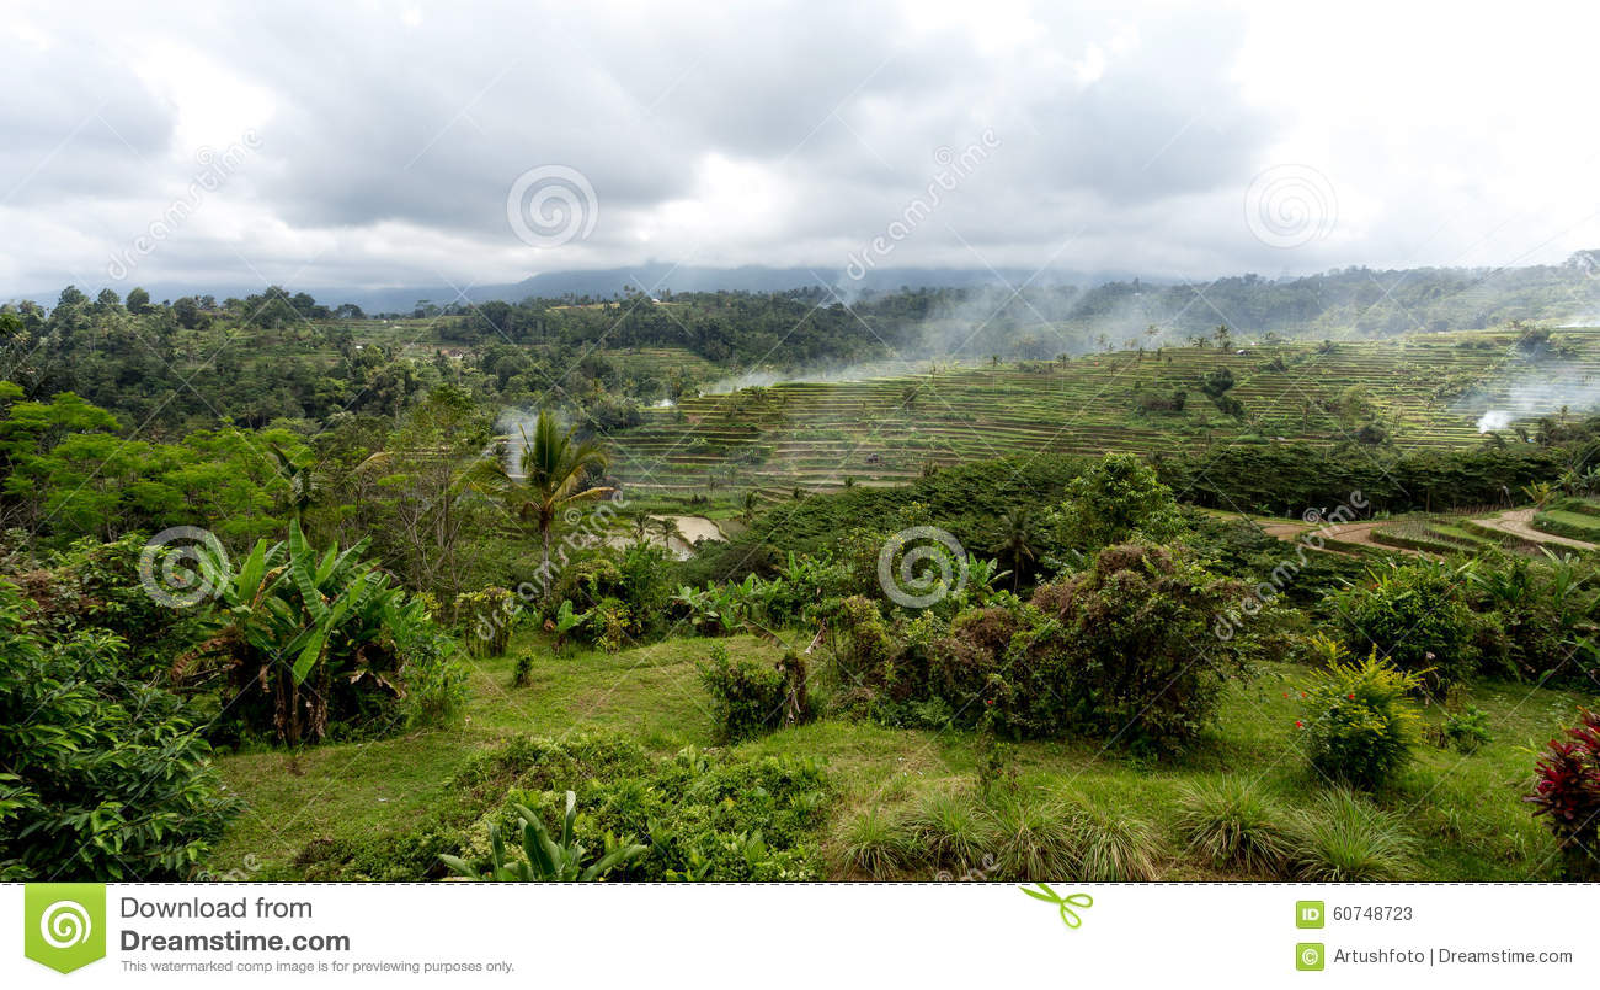 Risaie A Terrazze Del Riso In Bali Centrale Indonesia